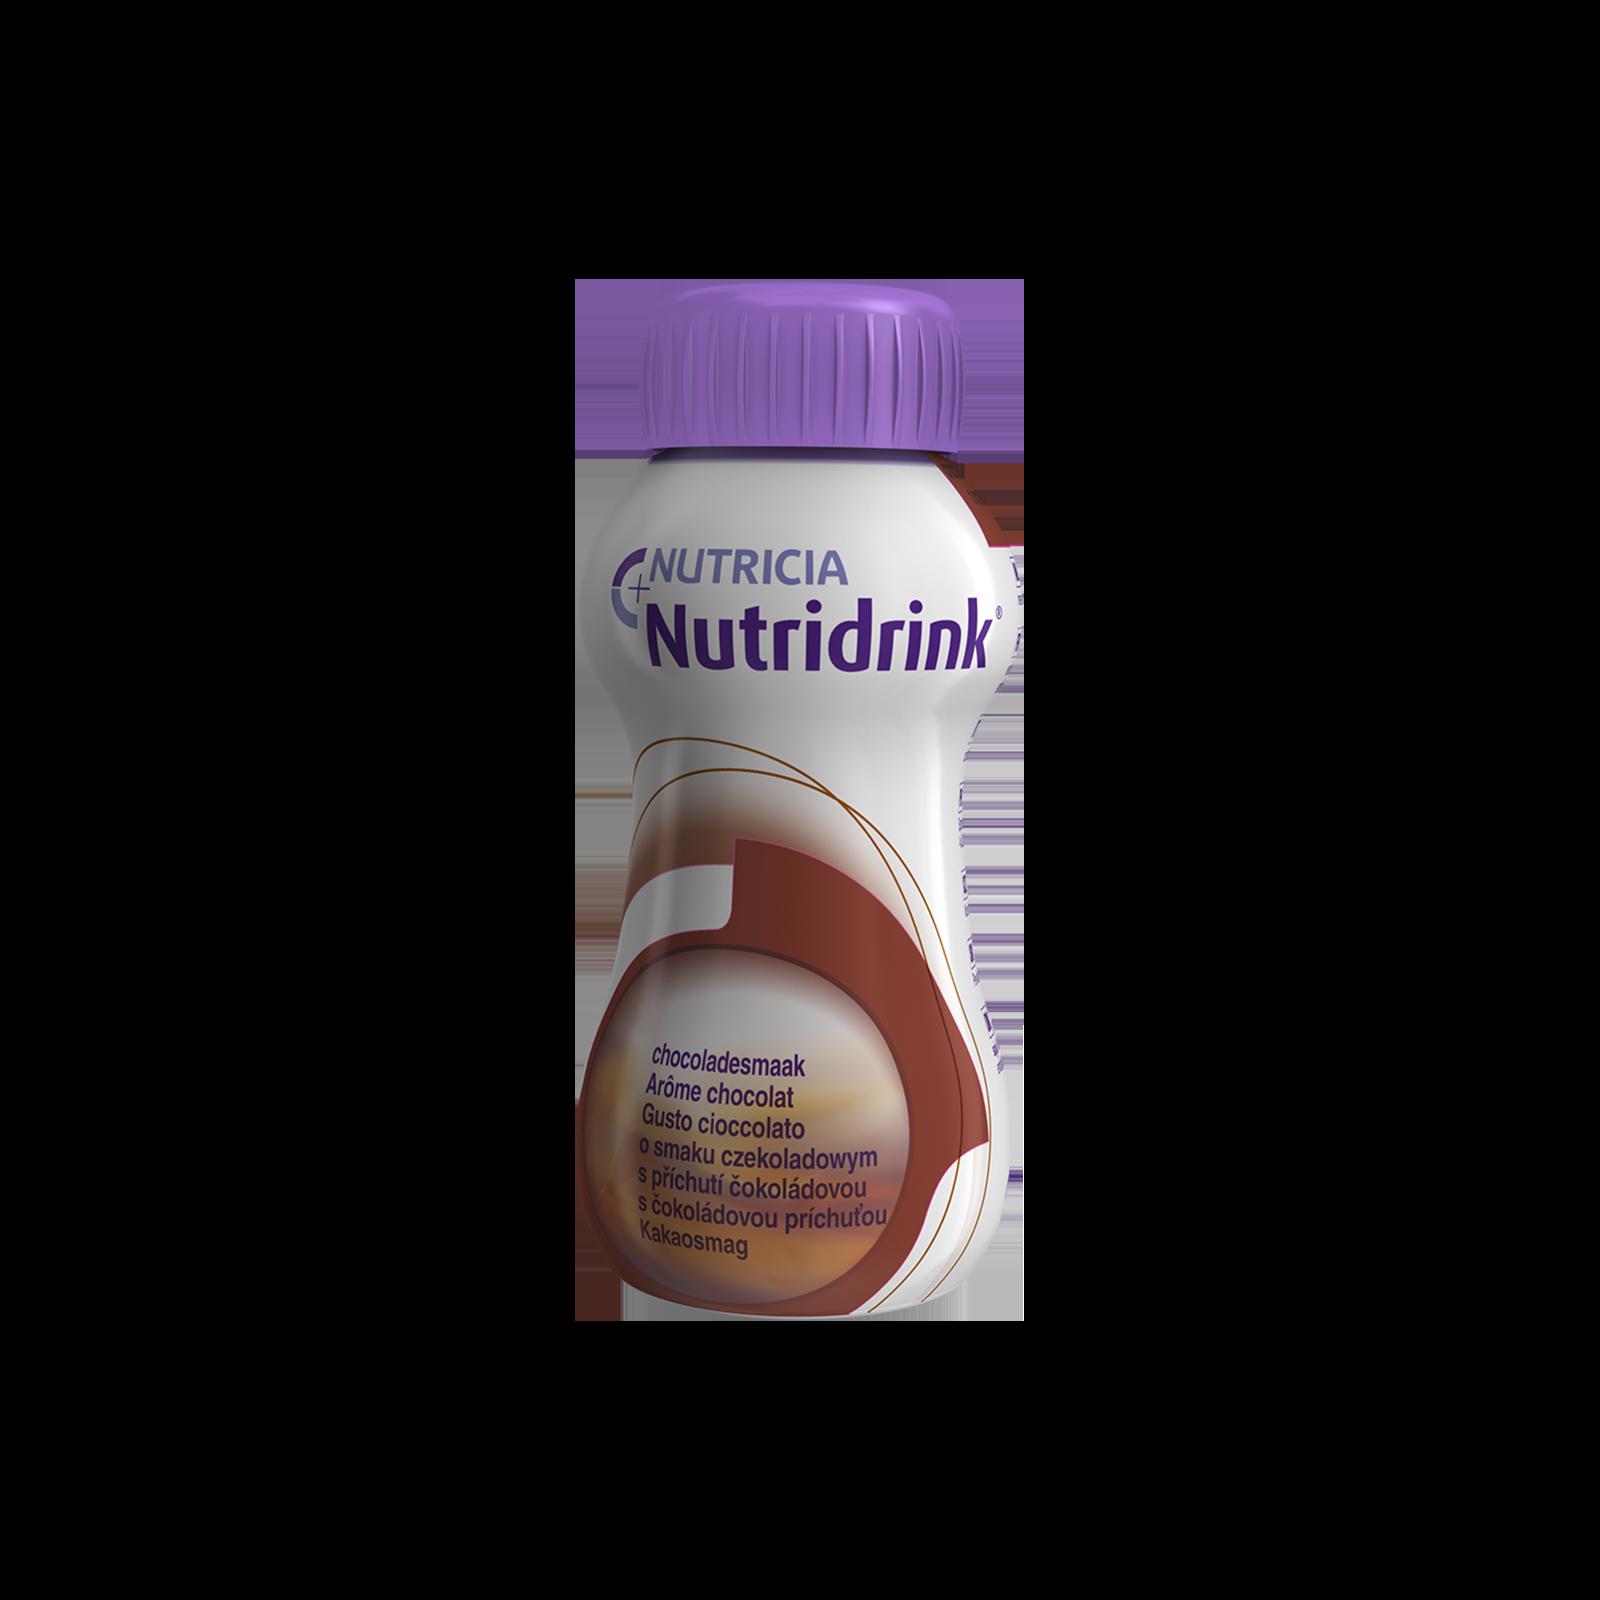 Nutridrink Cioccolato 24x Confezione 200 ml | Nutricia